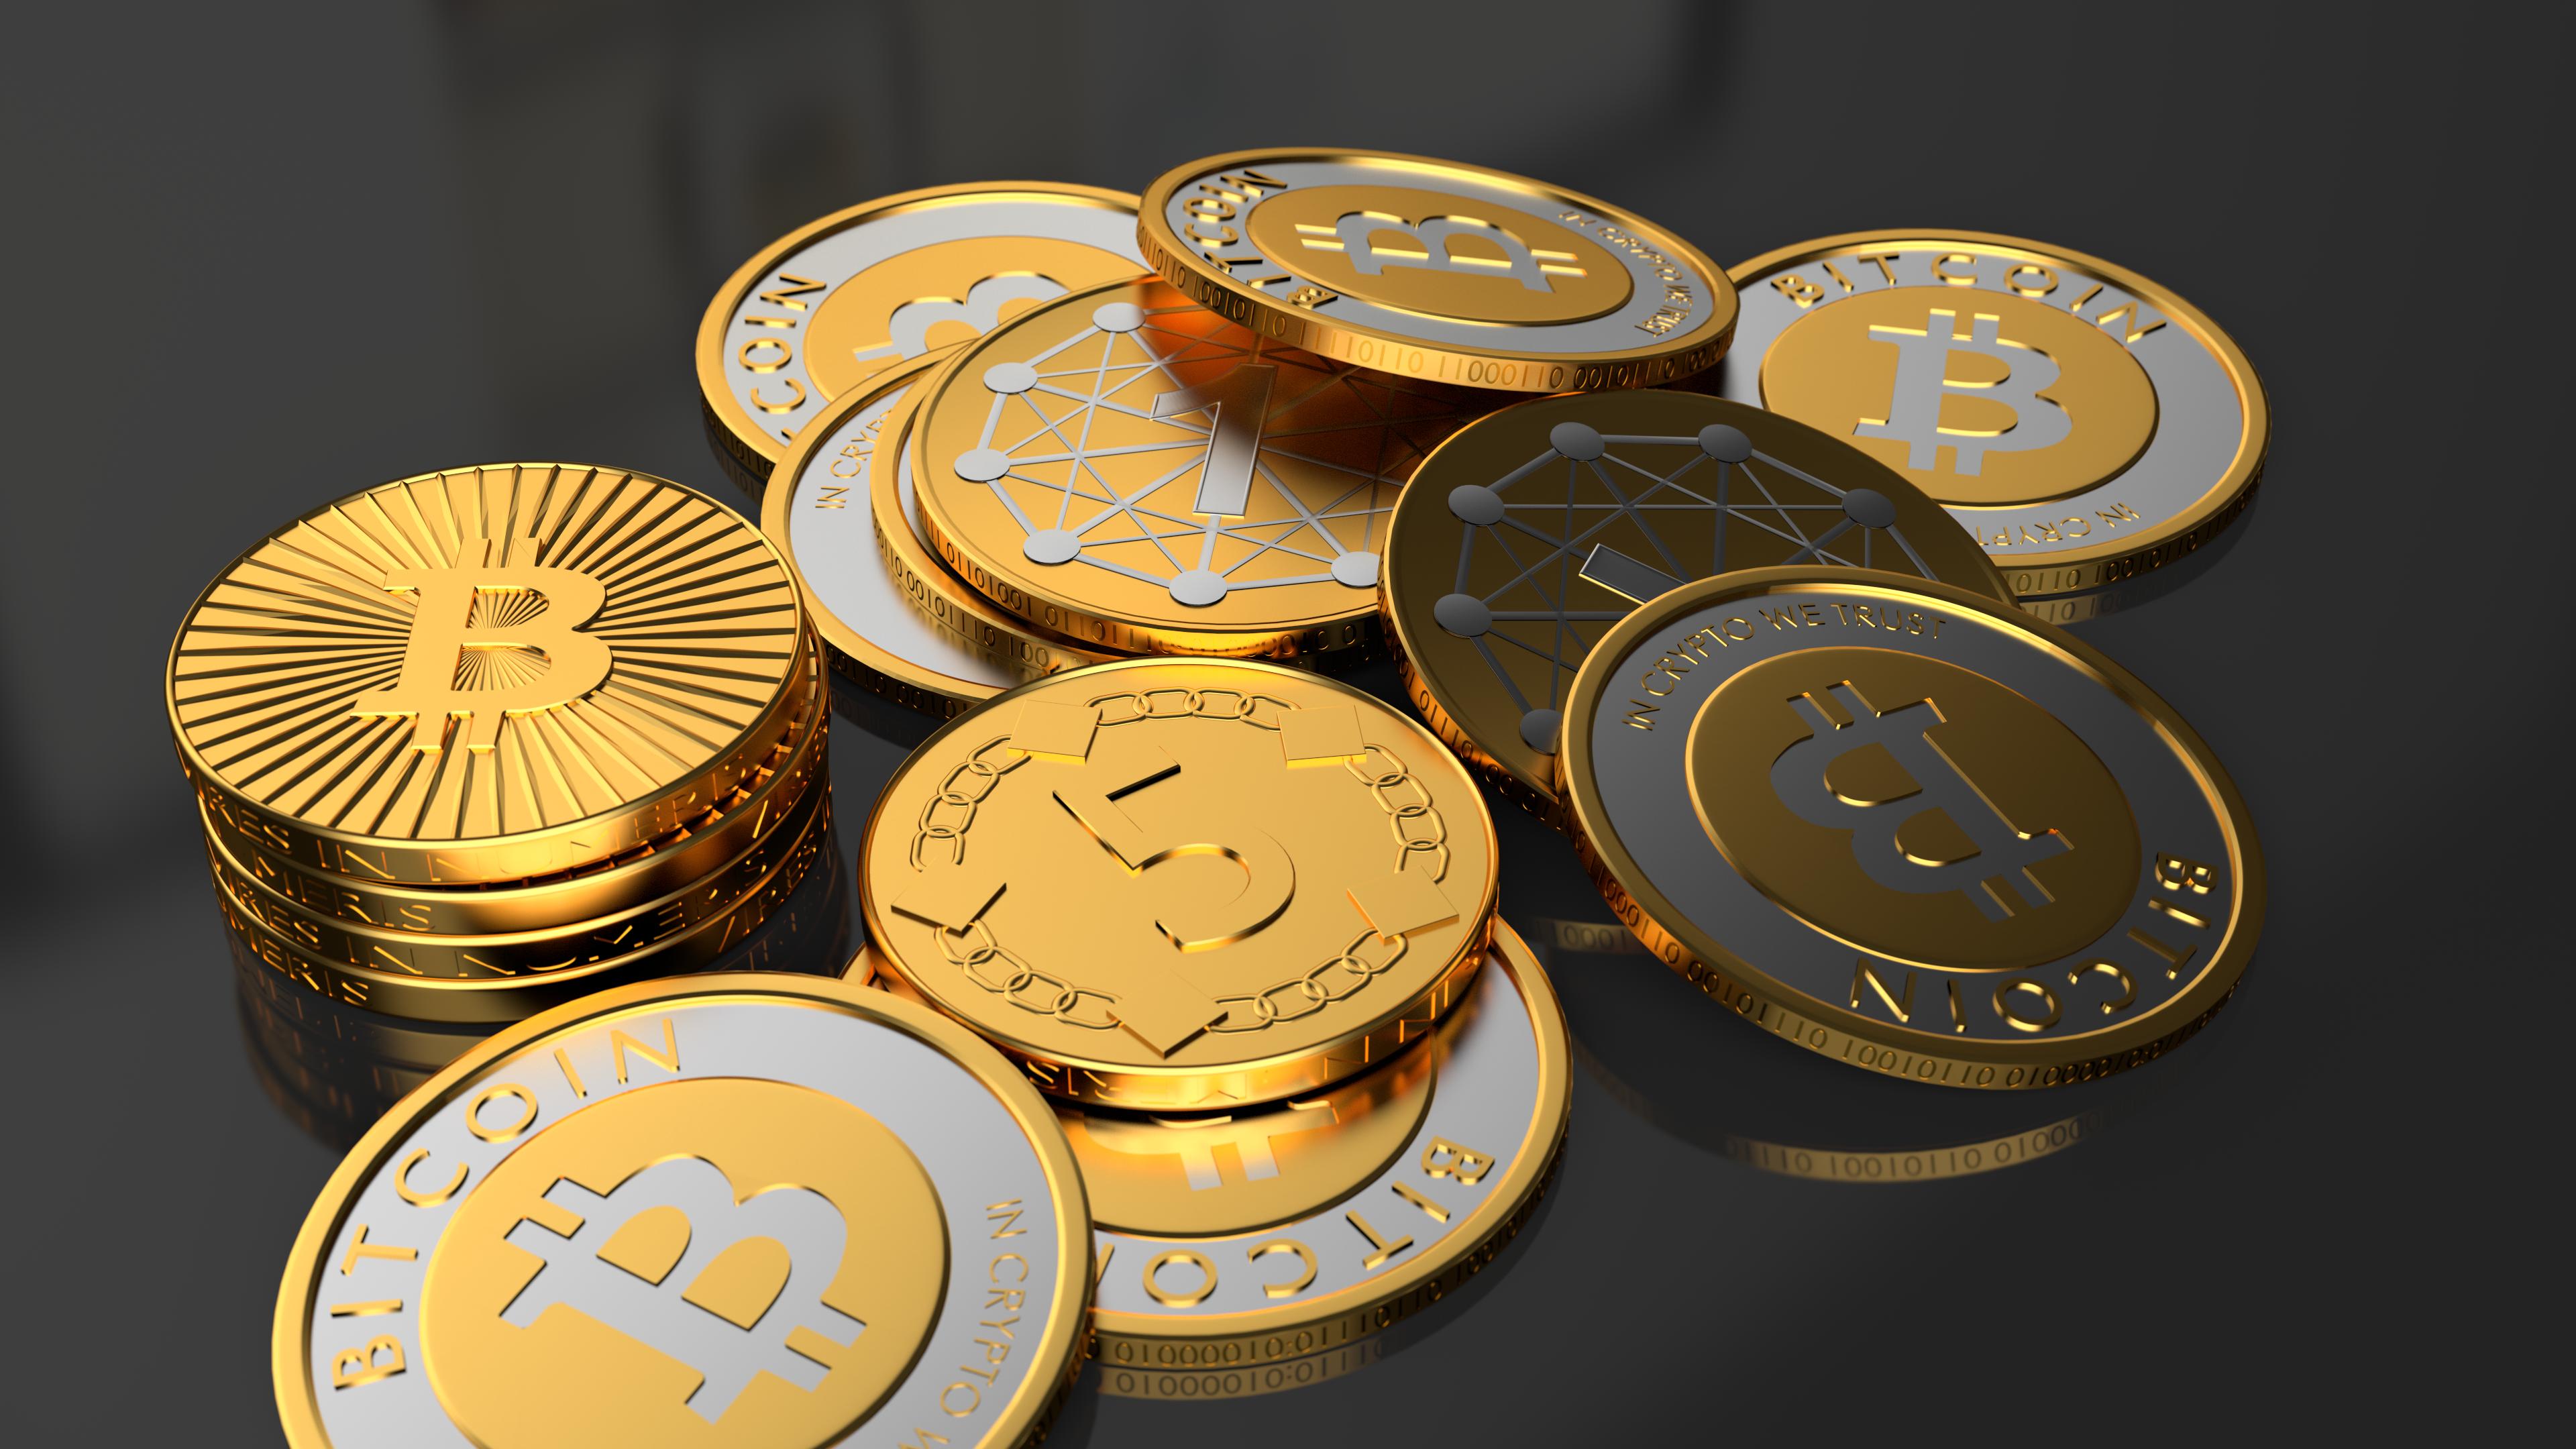 криптовалюта alt